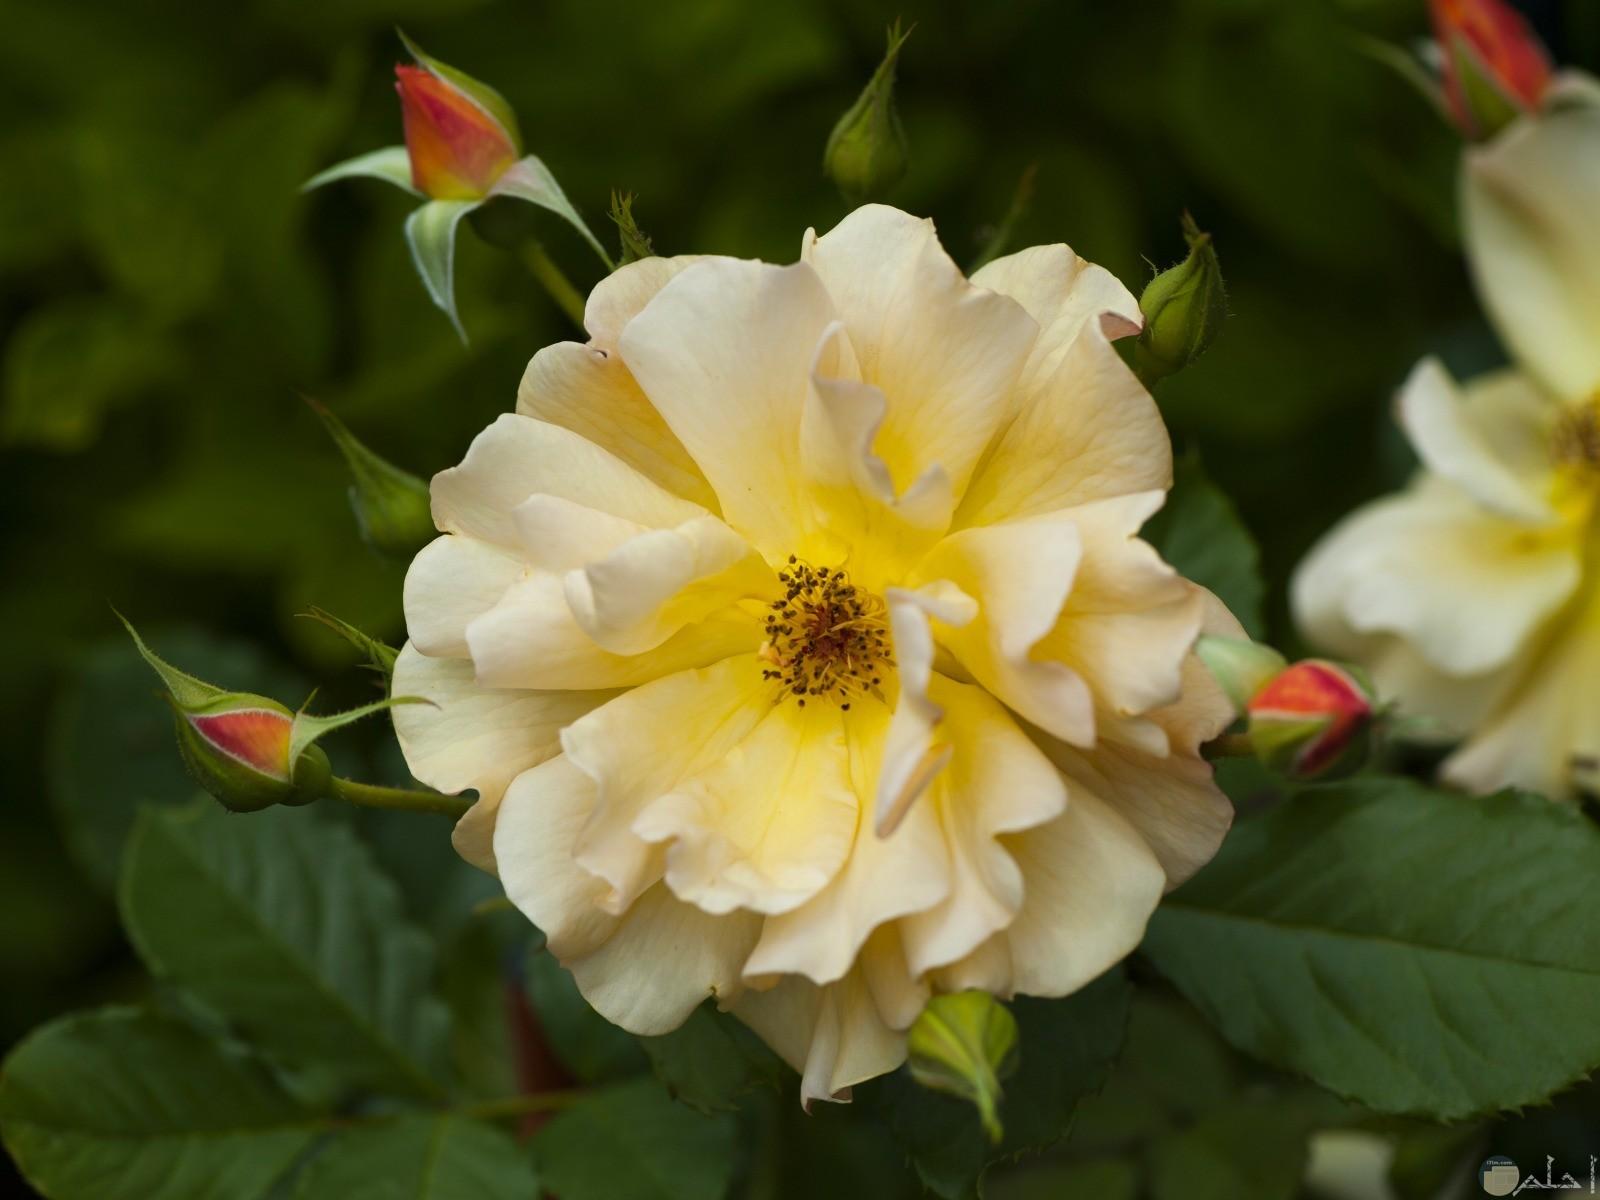 زهرة صفراء رقيقة جدا